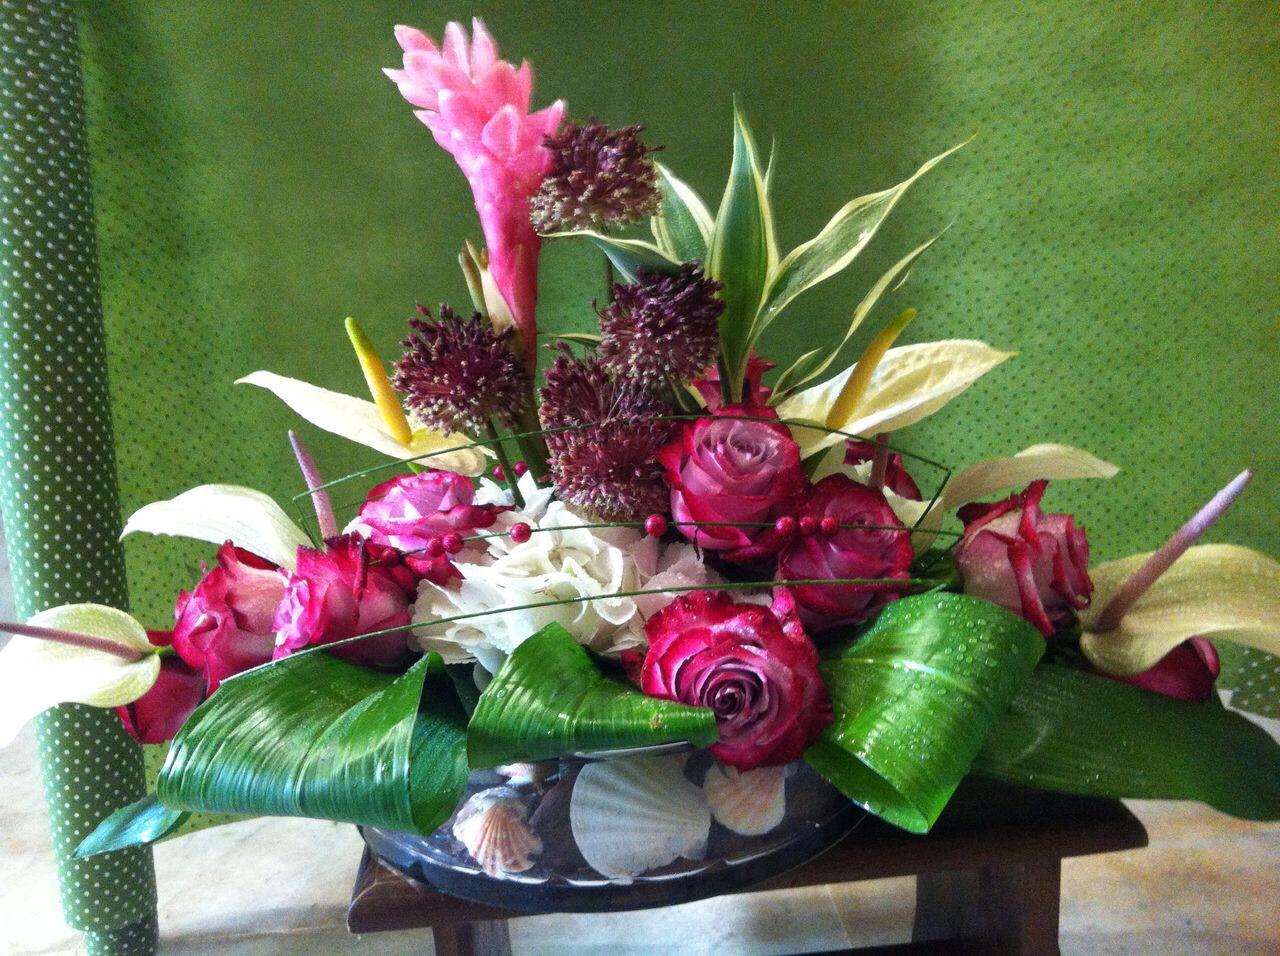 fiori consegne a domicilio la spezia